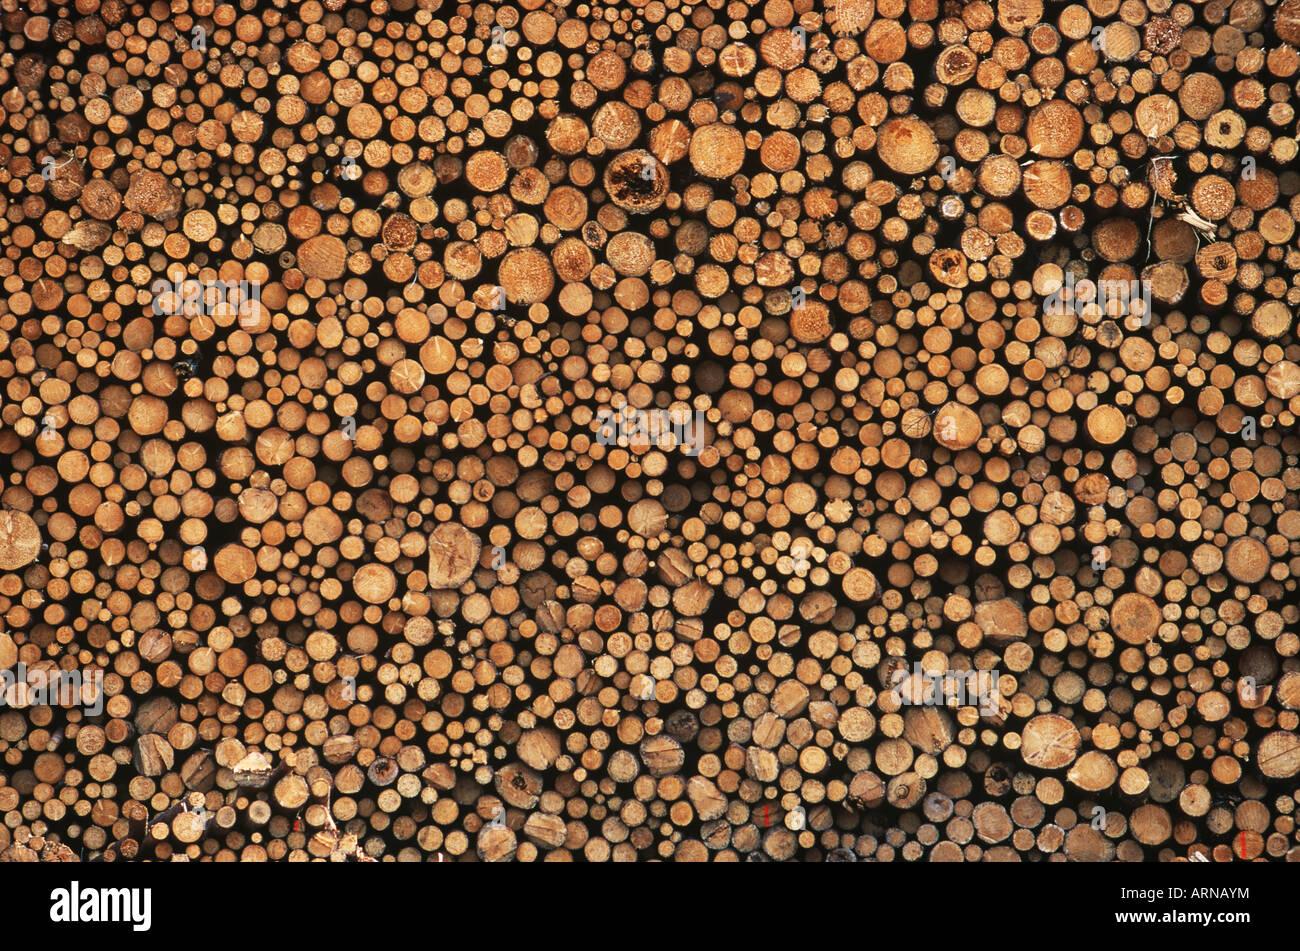 Pasta de madera apilados en el procesamiento de la yarda, British Columbia, Canadá. Imagen De Stock